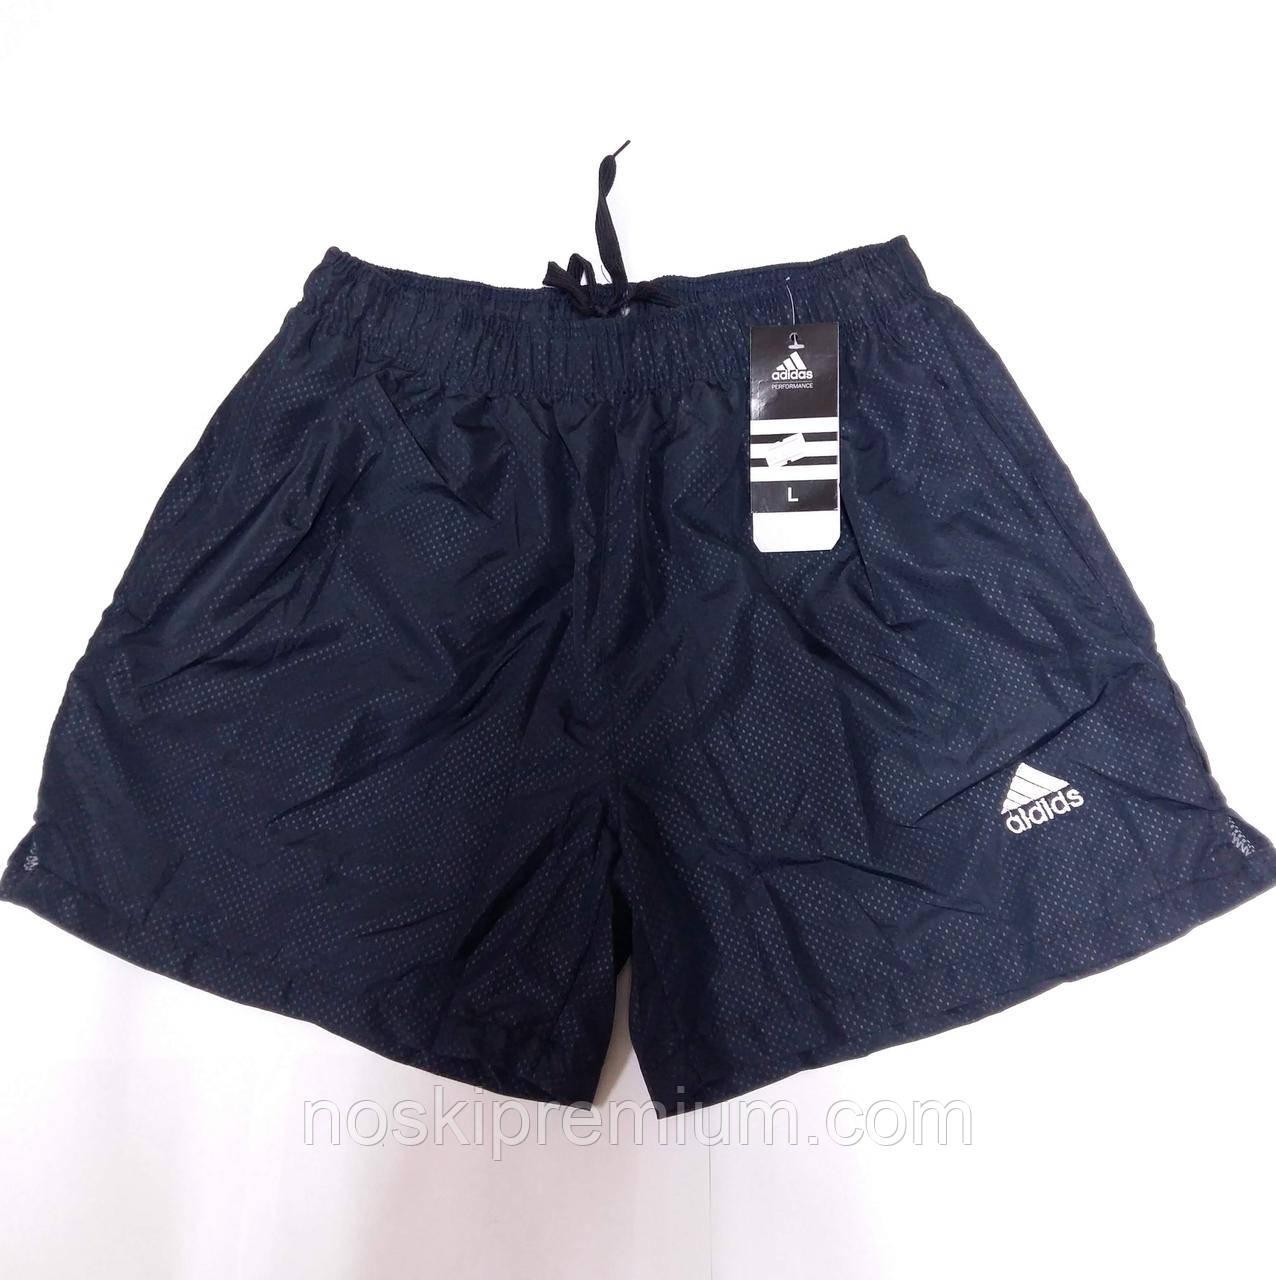 Шорты мужские спортивные Adidas, размеры M-3XL, тёмно-синие, 8809 ... 6e1695a1181